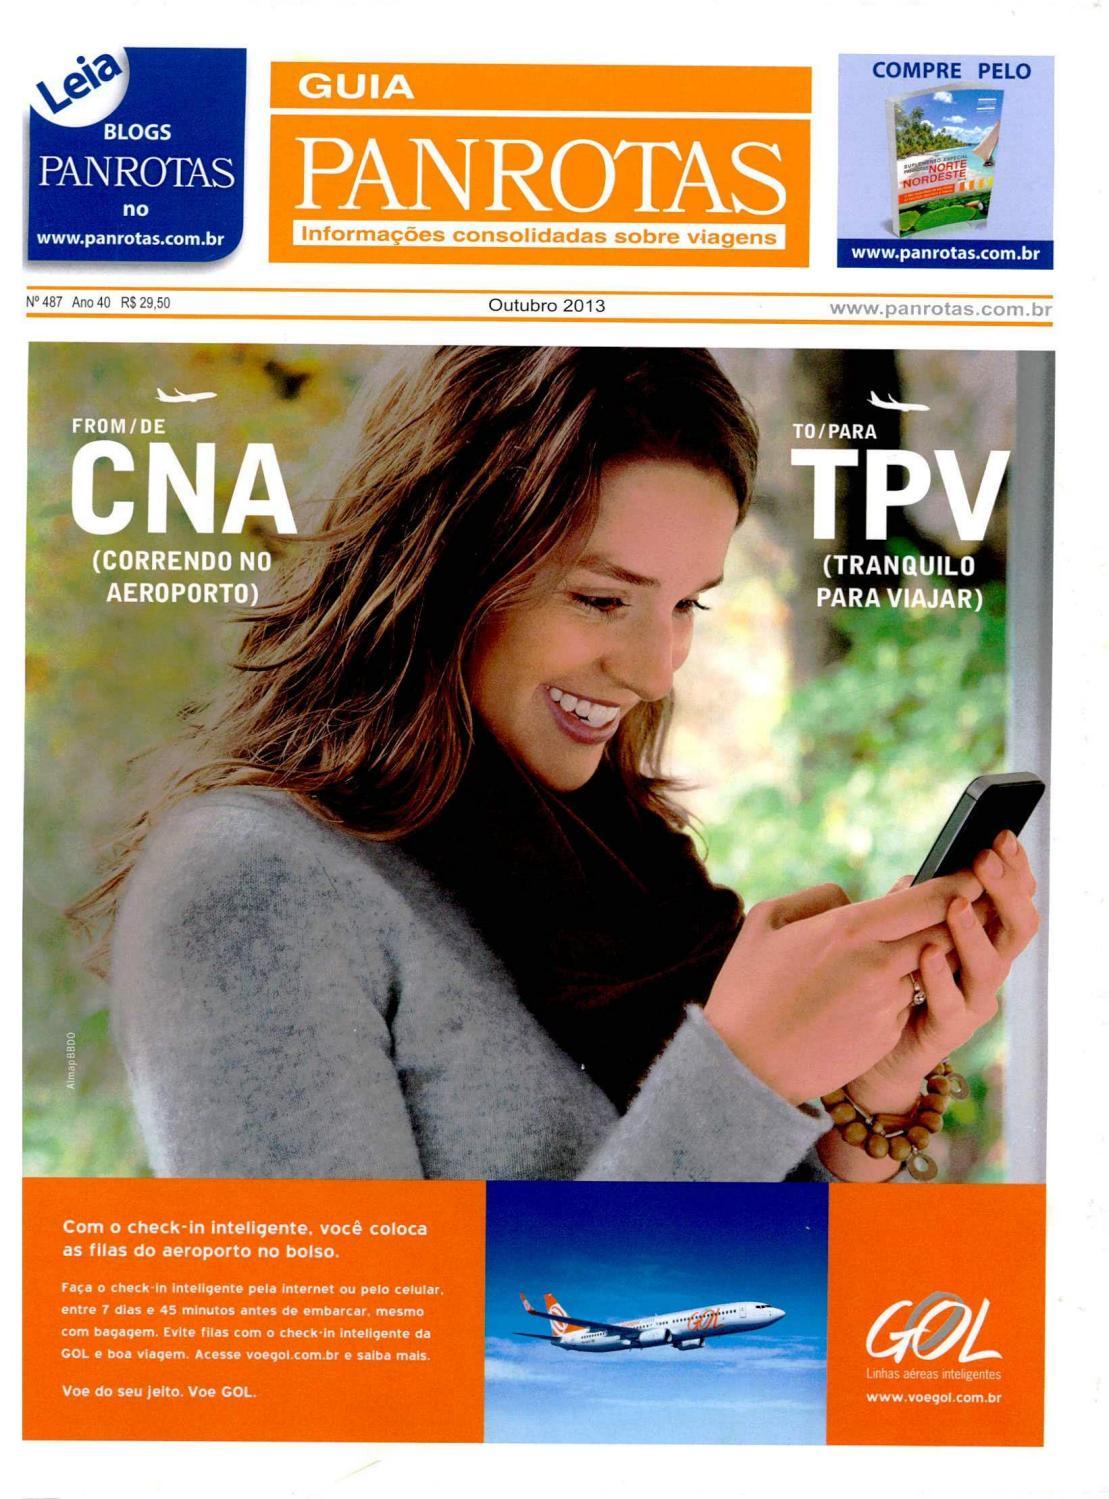 1a52afbdc26 Guia PANROTAS - Edição 487 - Outubro/2013 by PANROTAS Editora - issuu